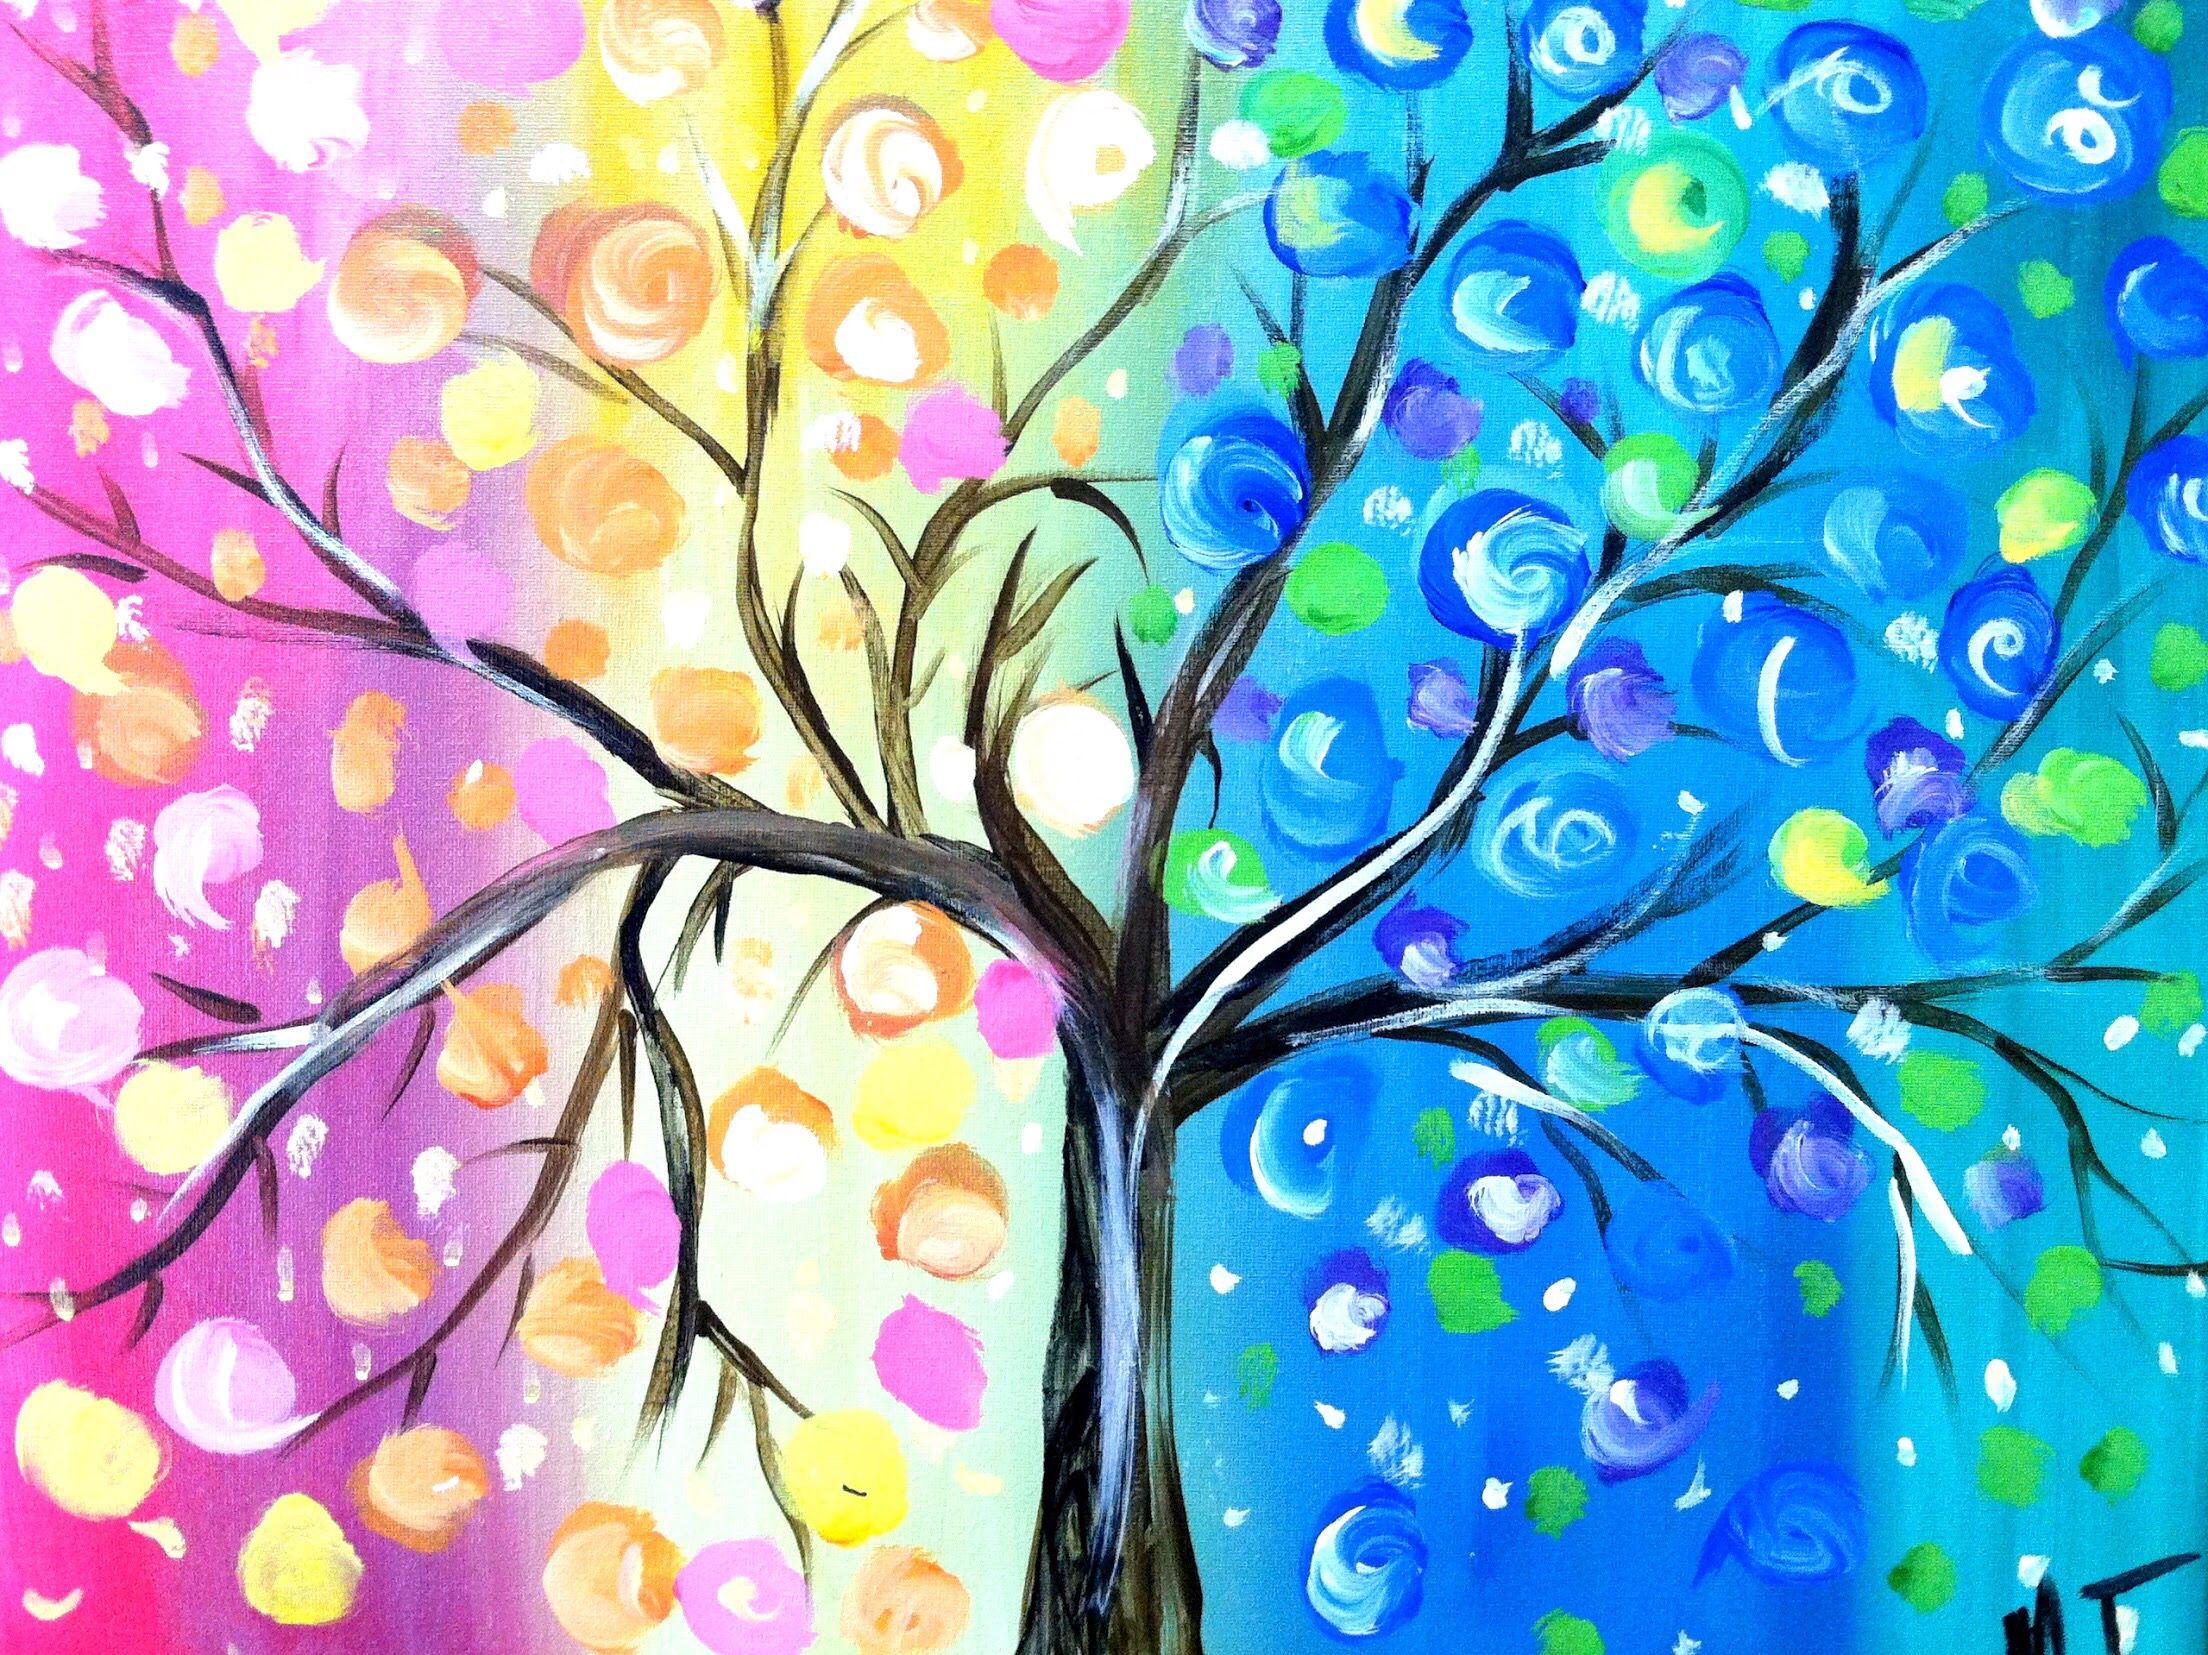 Love this 4 seasons tree we're painting this week!